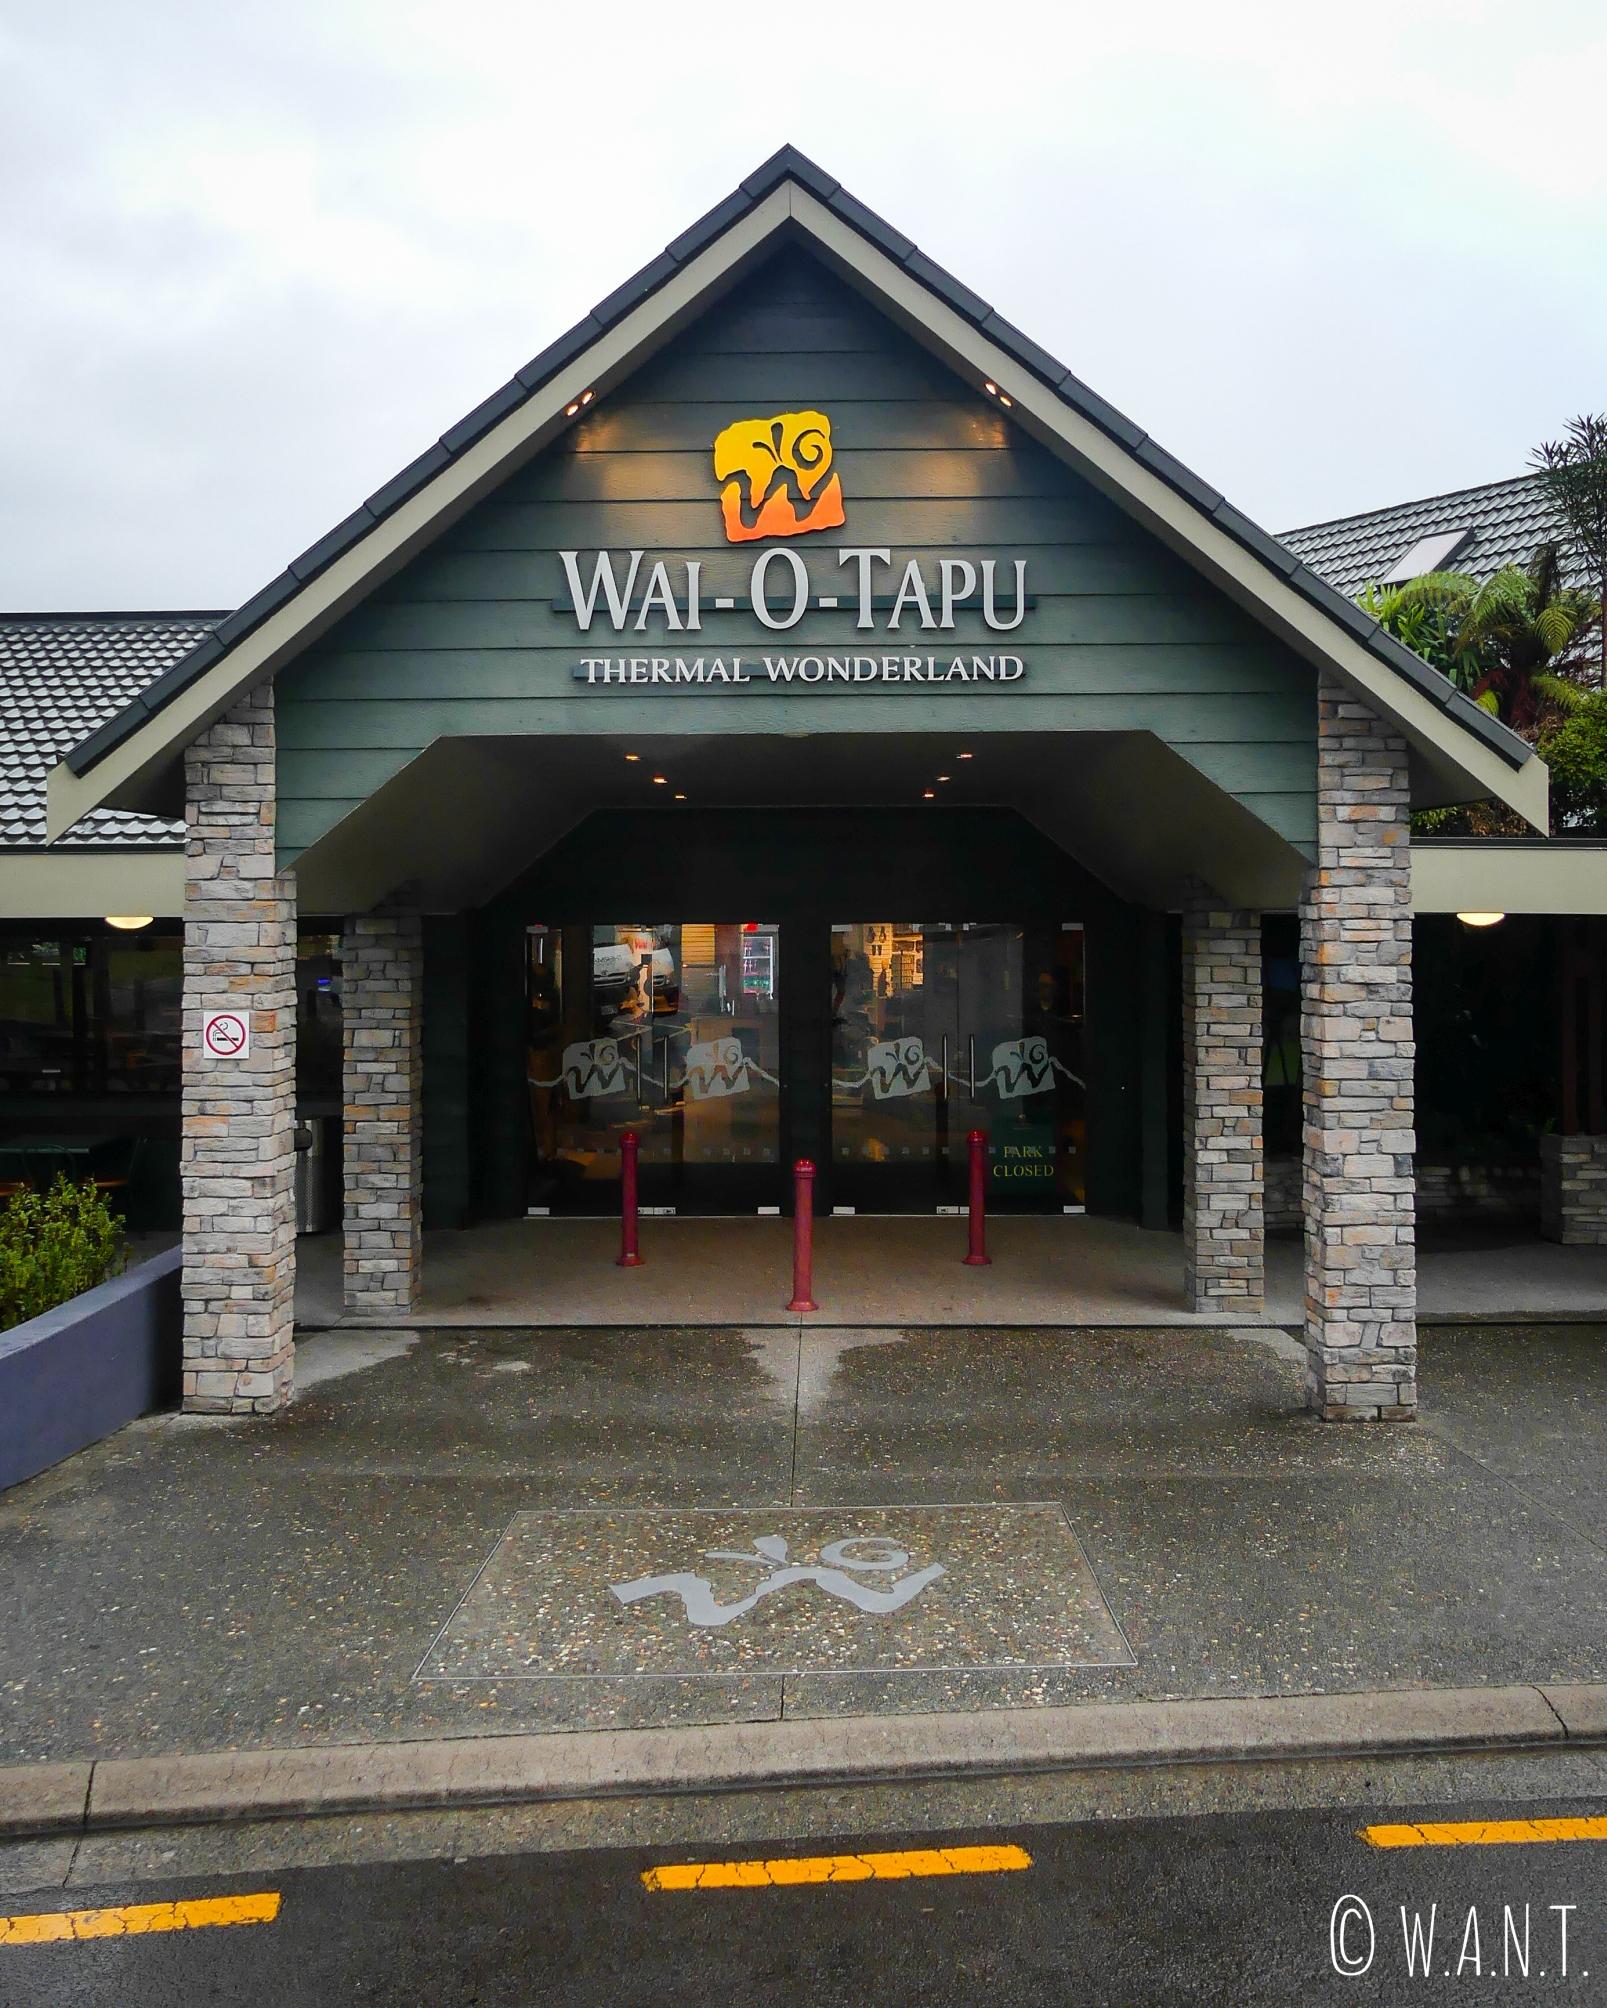 Entrée du site de Wai-O-Tapu en Nouvelle-Zélande